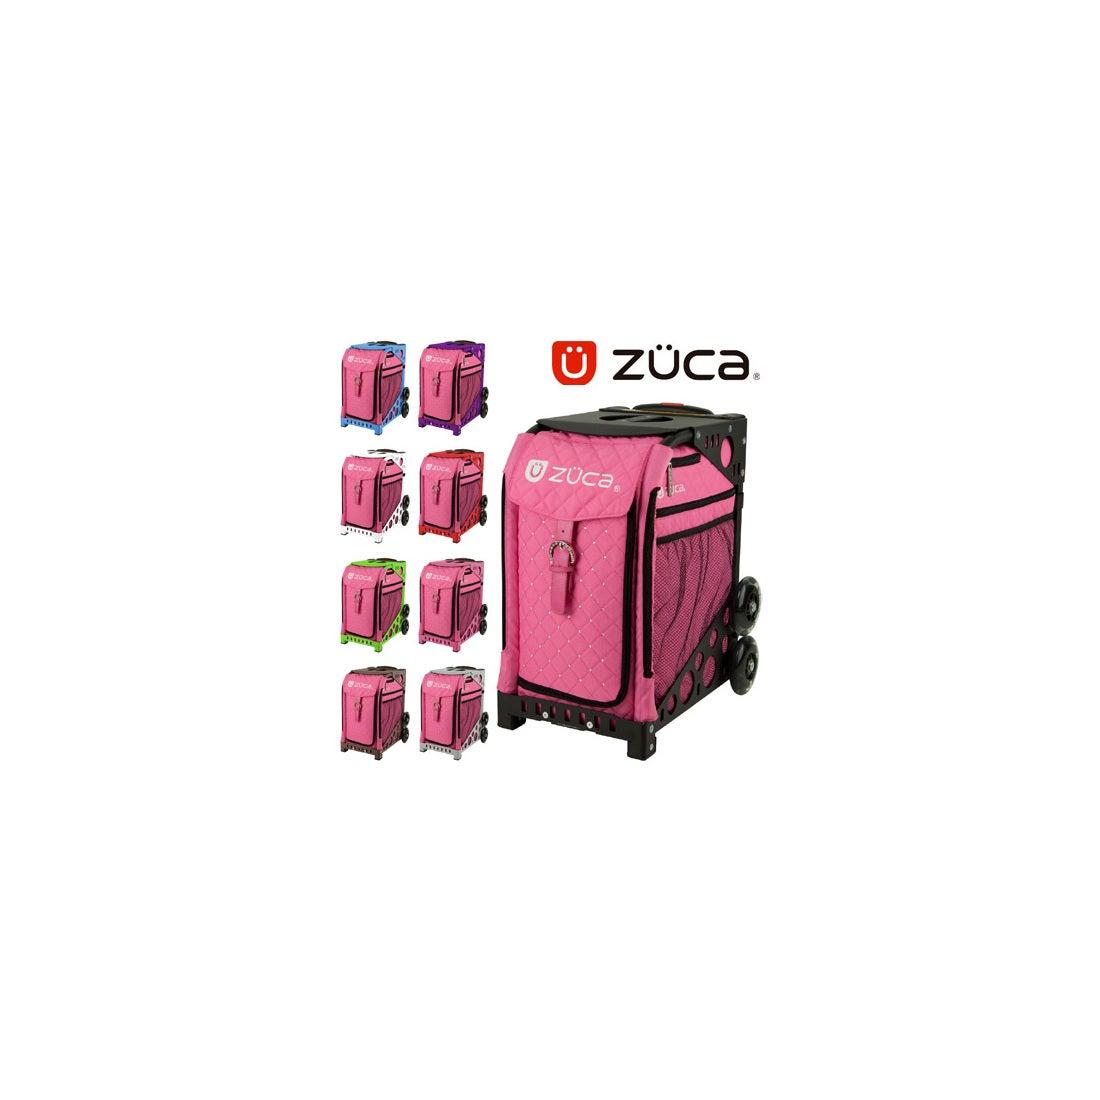 ロコンド 靴とファッションの通販サイト【セット販売】ZUCAスポーツHotPink100003White